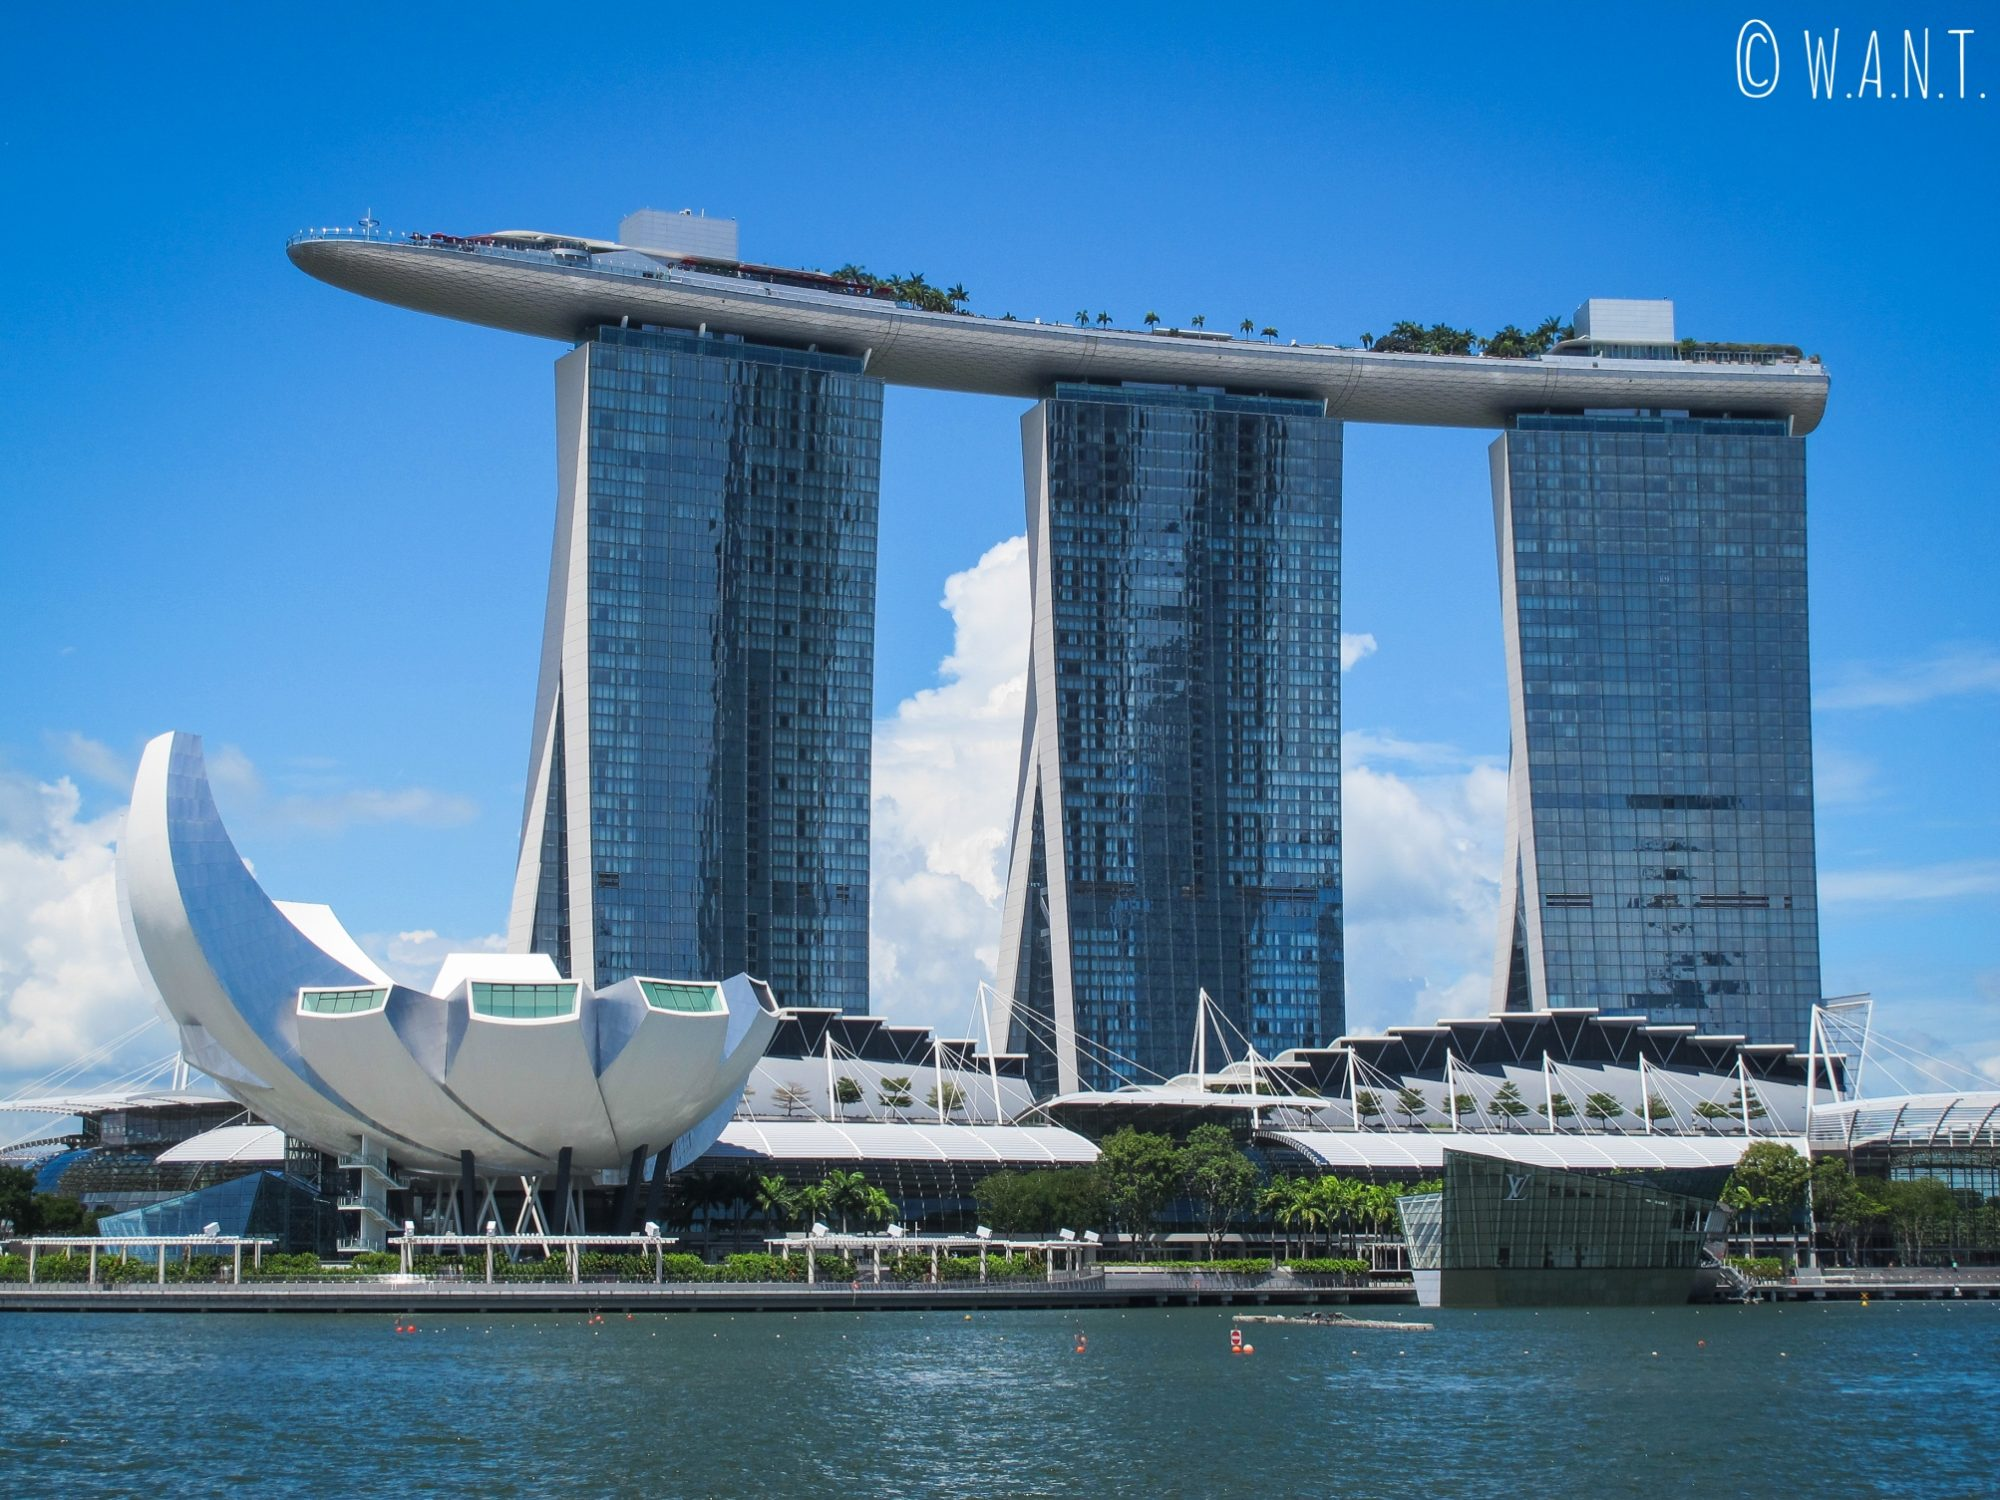 Vue sur le Marina Bay Sands et l'ArtScience Museum de Singapour